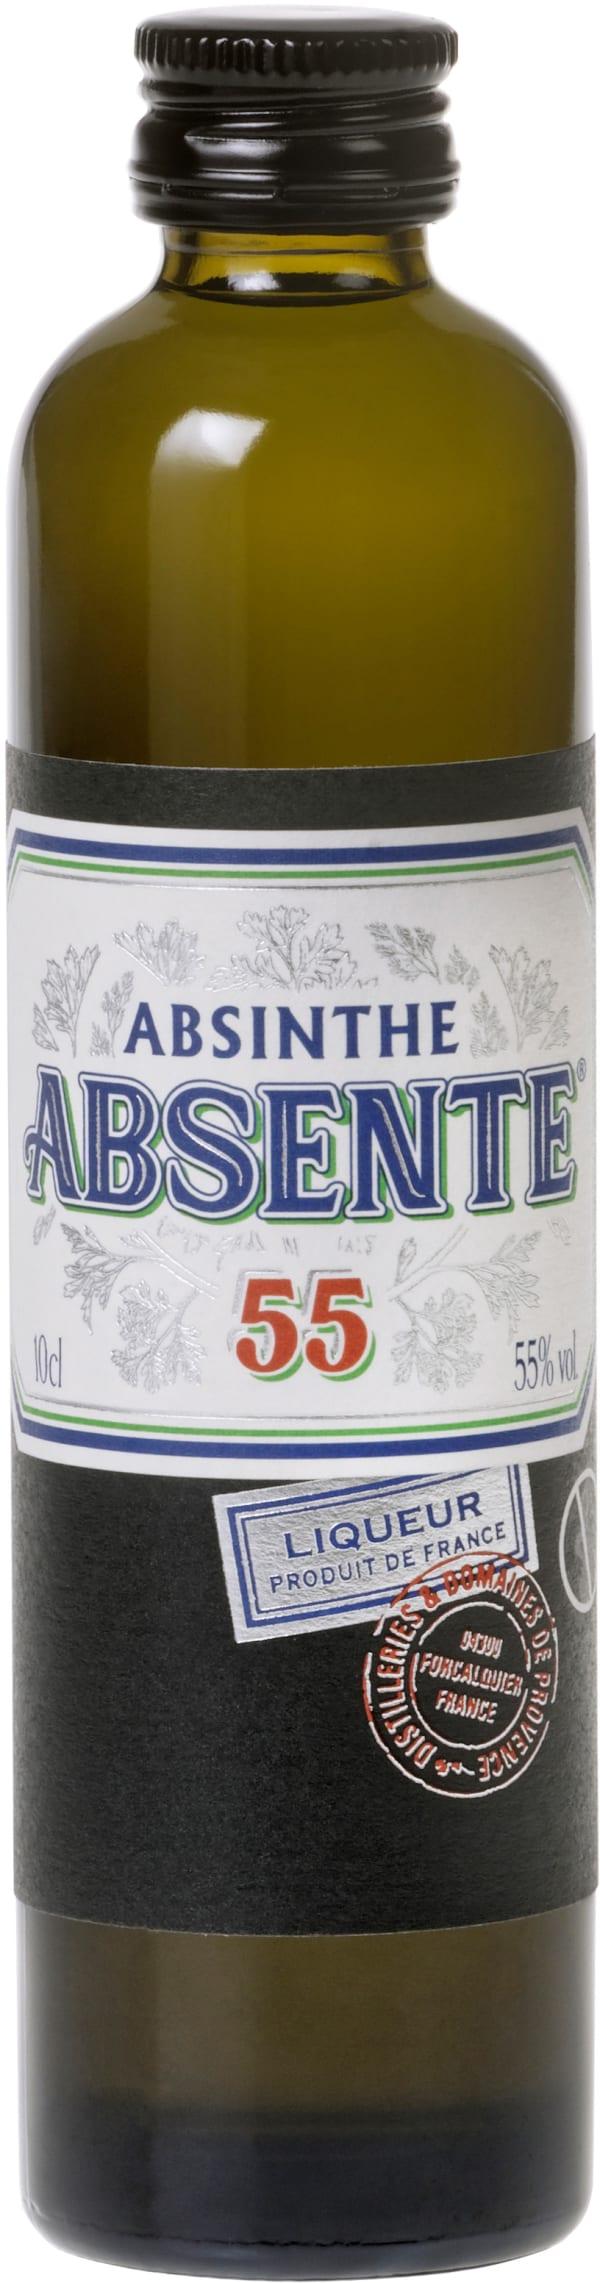 Absente 55 Absinthe